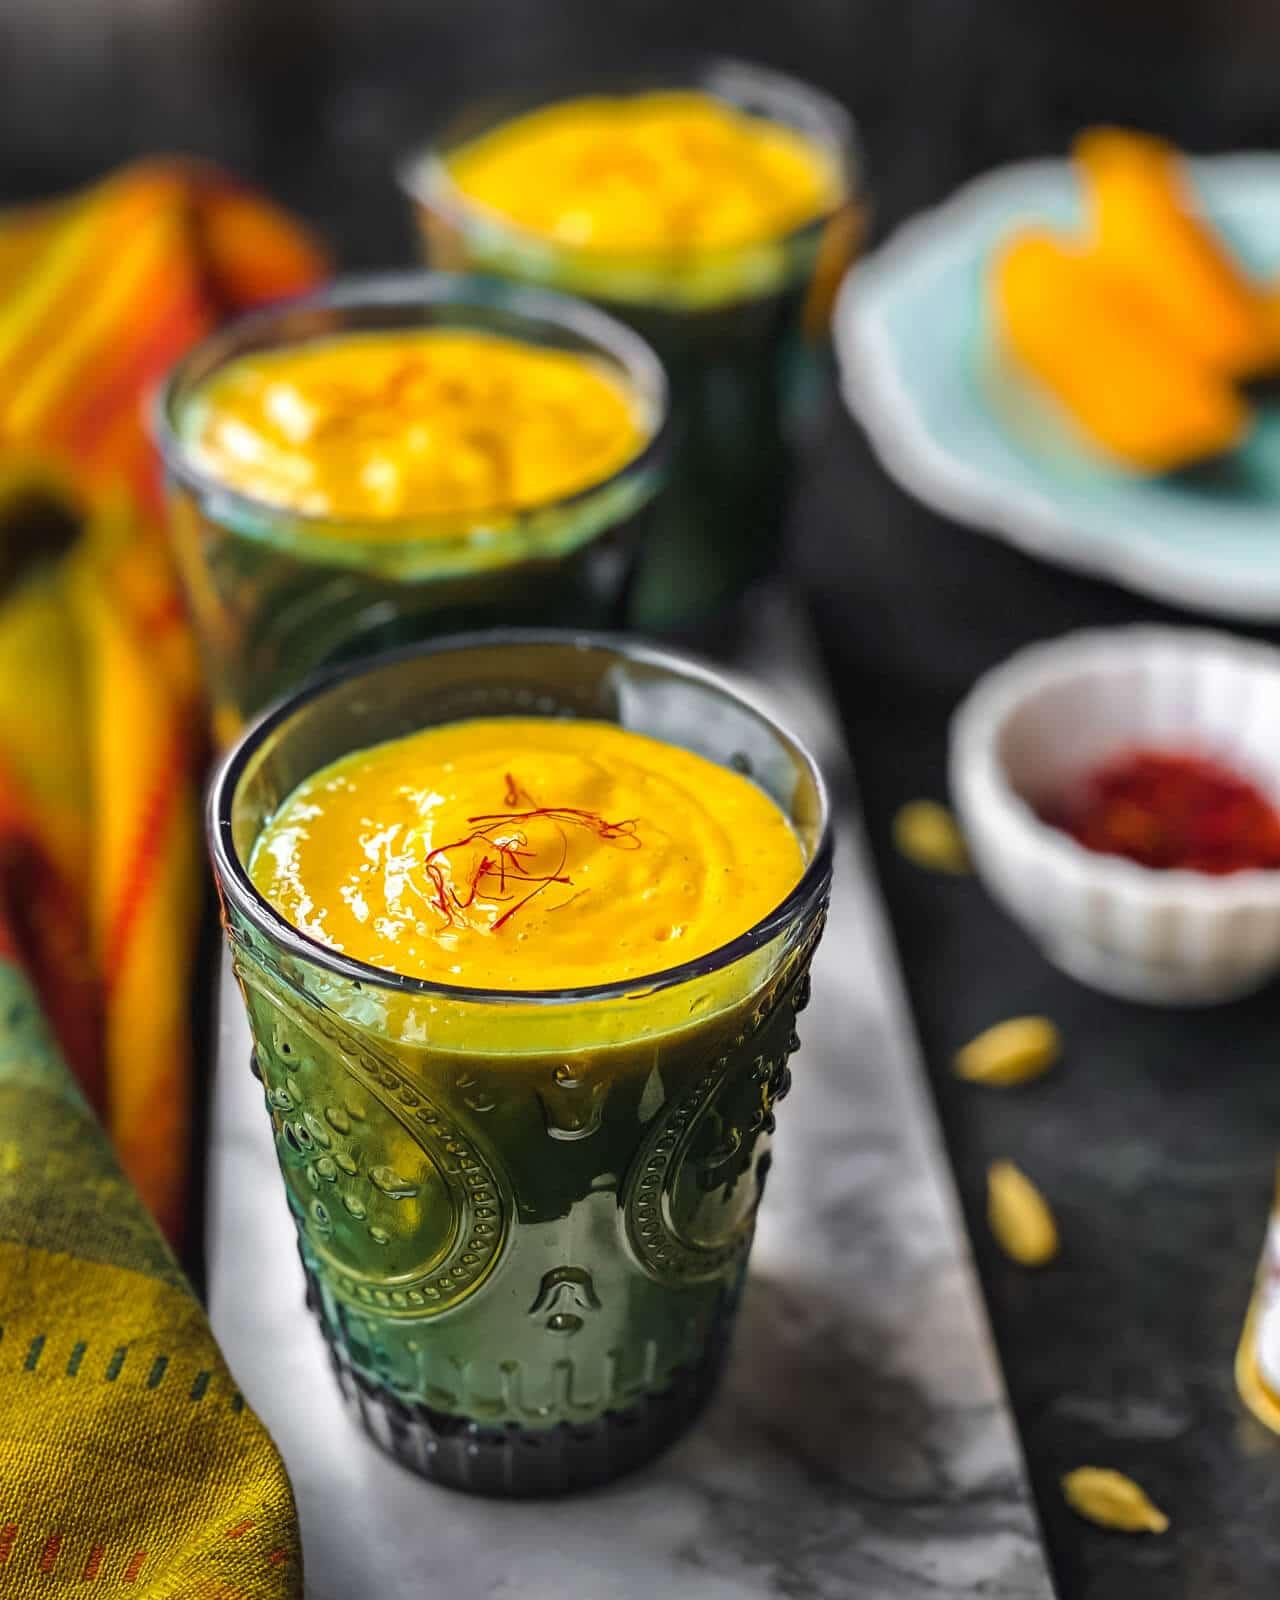 Three glasses of Mango Lassi served on a marble slab